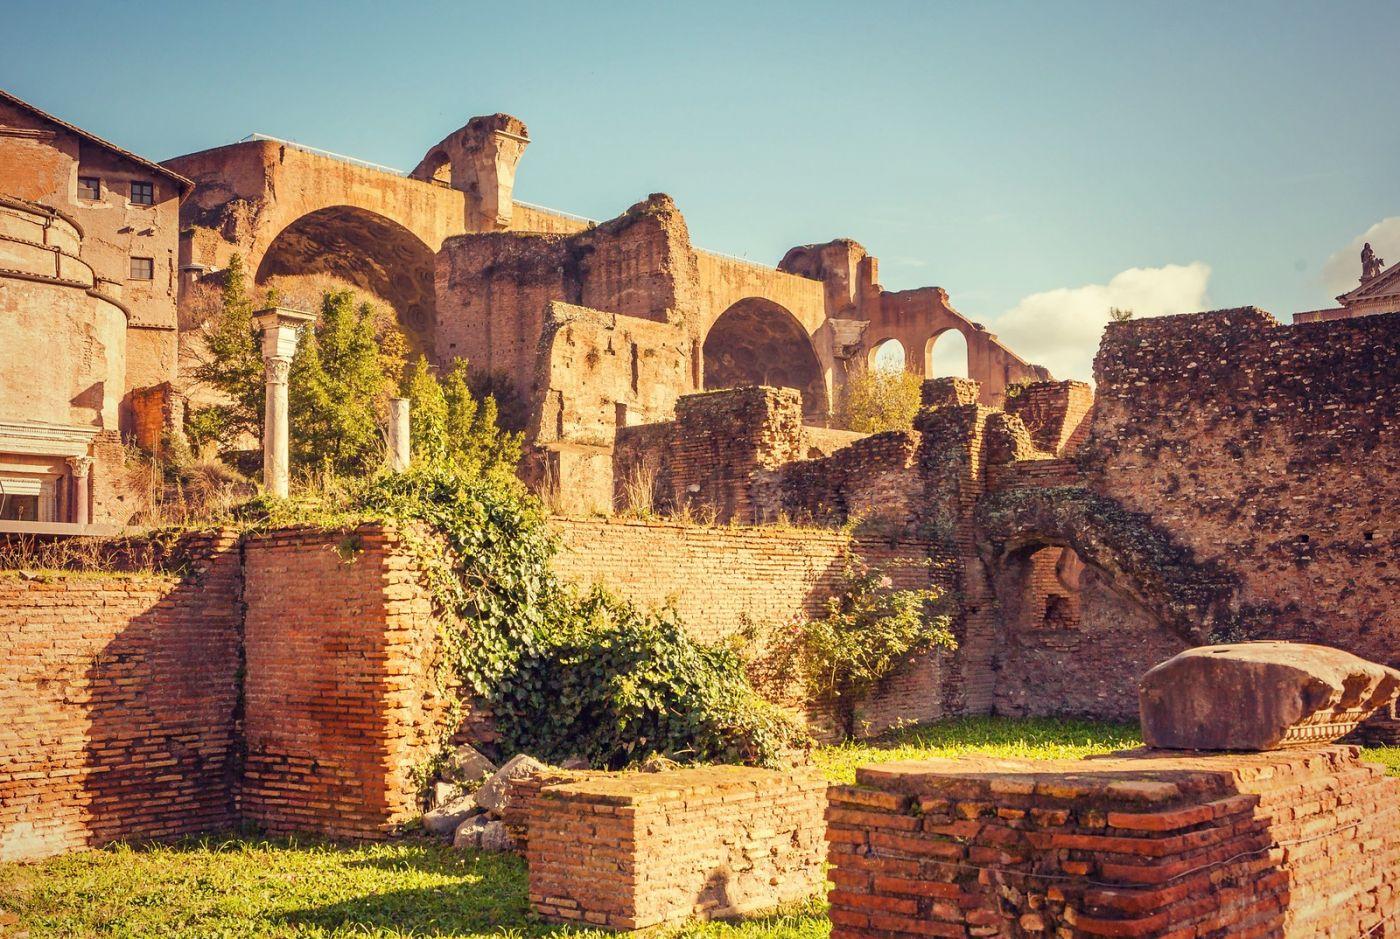 意大利罗马论坛,二千年的历史_图1-21